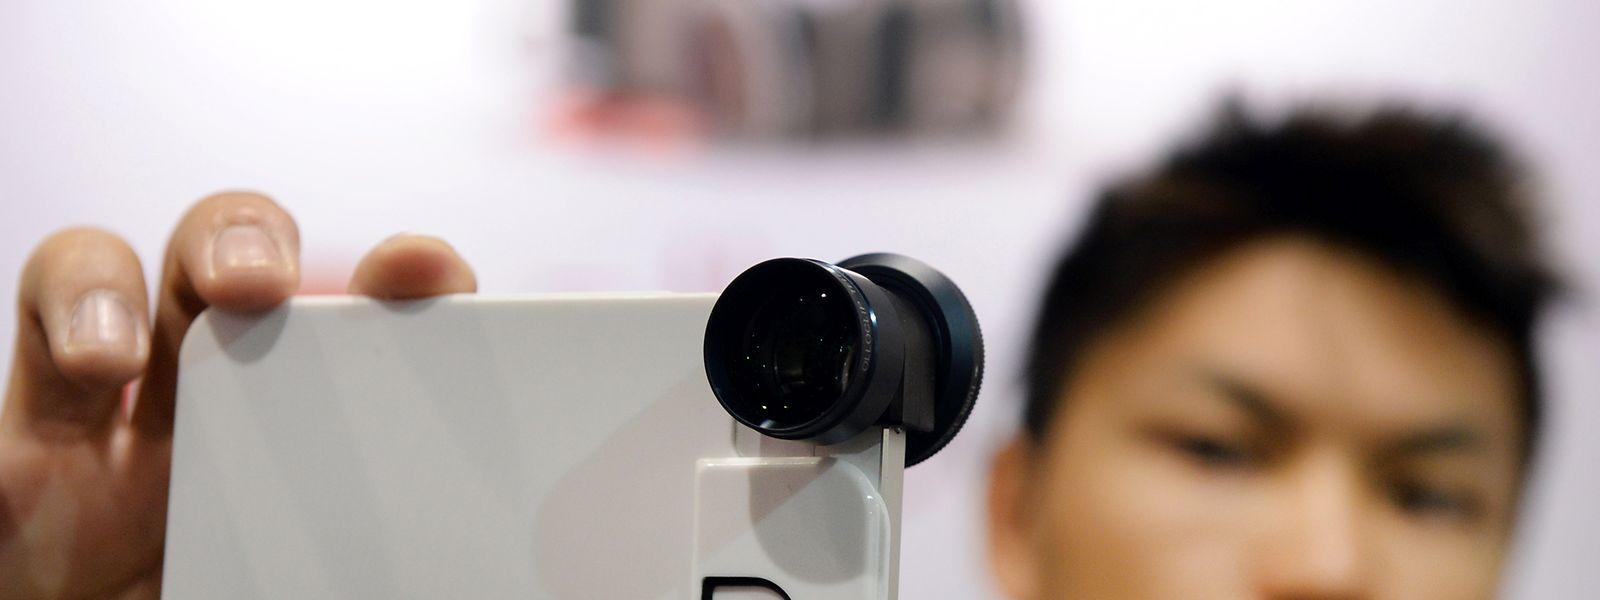 Besser fotografieren mit dem Smartphone: Aufstecklinsen bieten einen zweifachen Zoom und einen Polarisationsfilter.